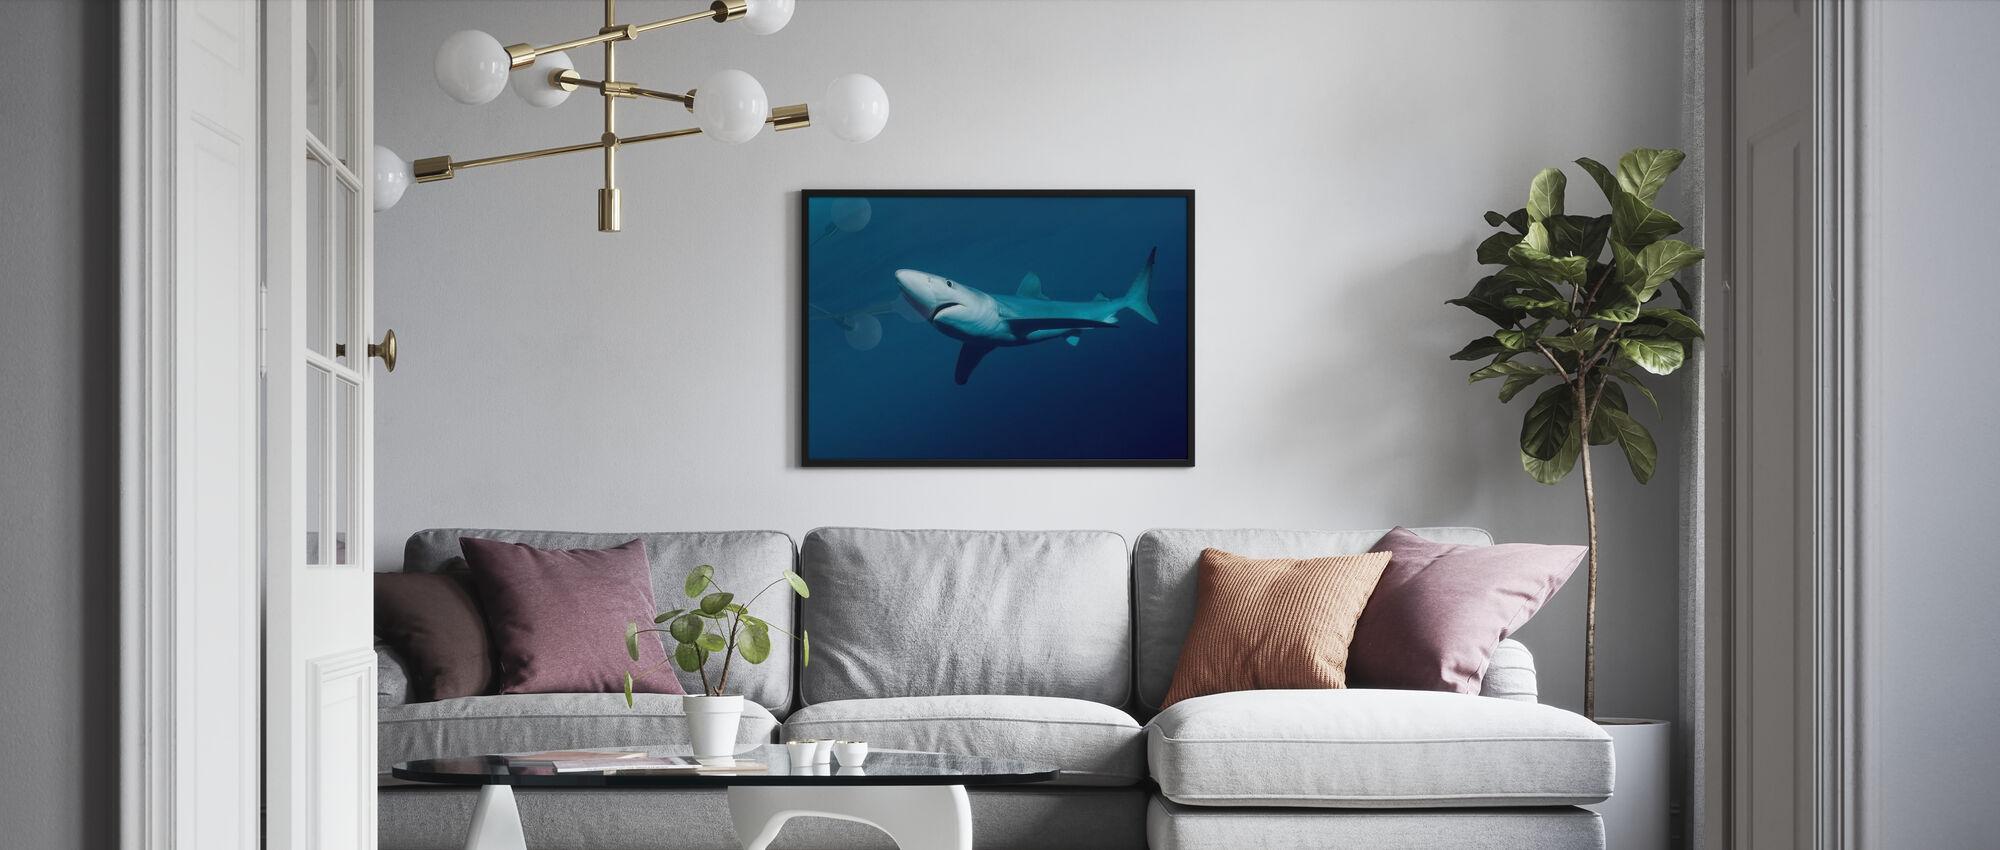 Blue Shark - Framed print - Living Room